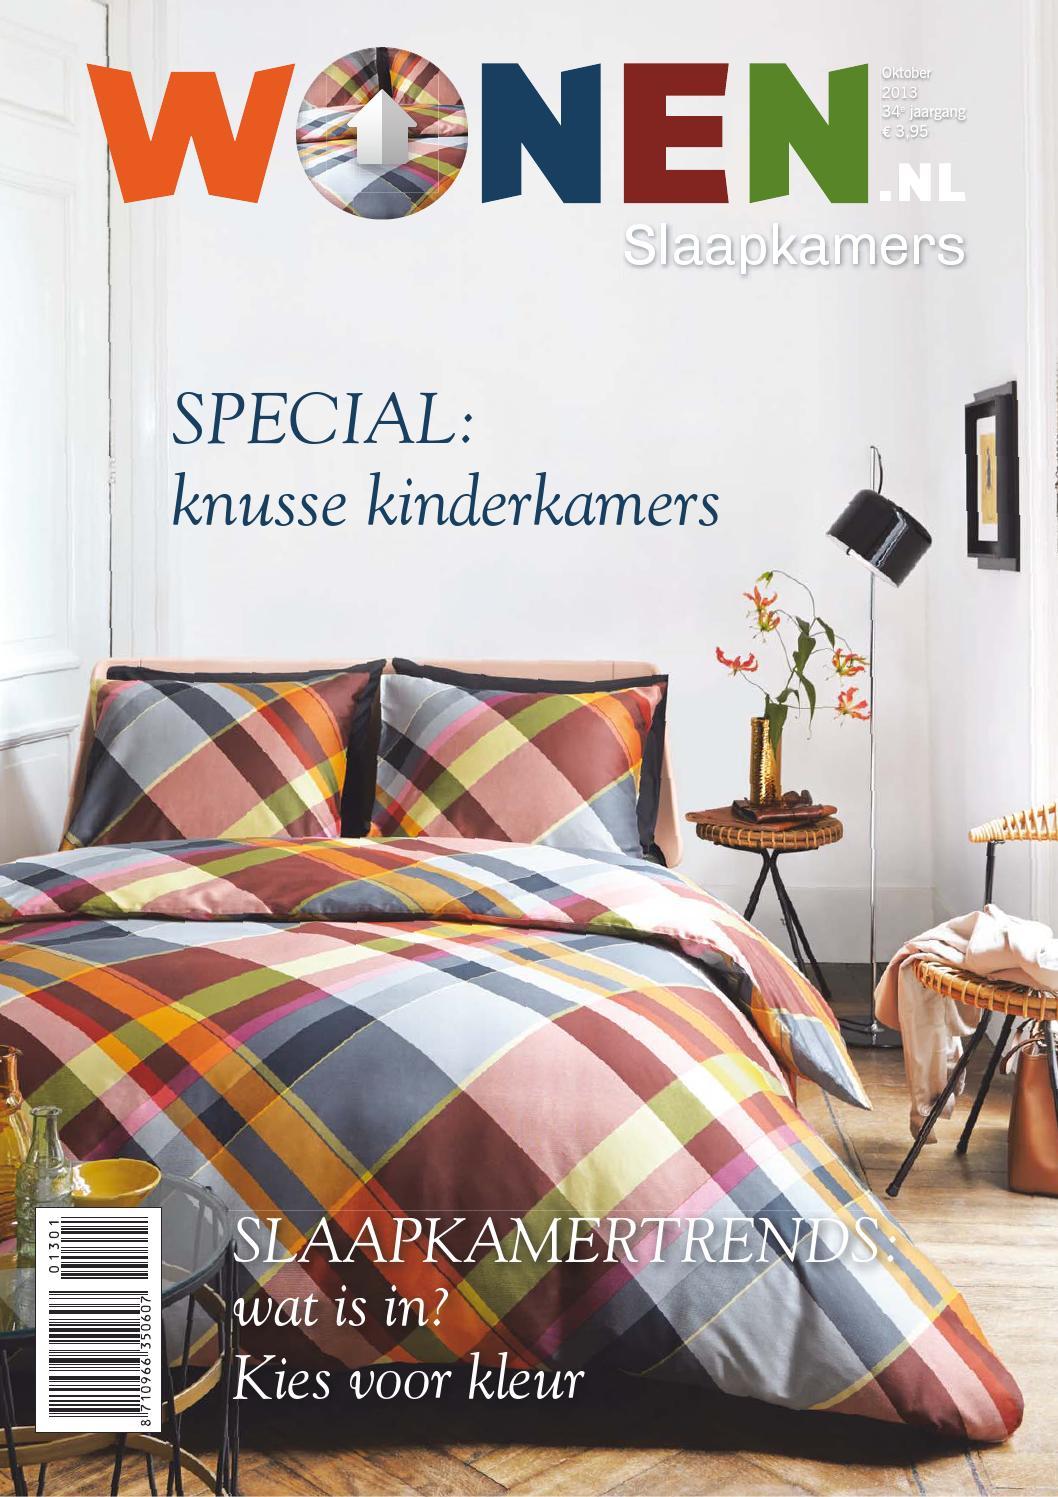 Wonen.nl slaapkamers 2013 by wonen media   issuu